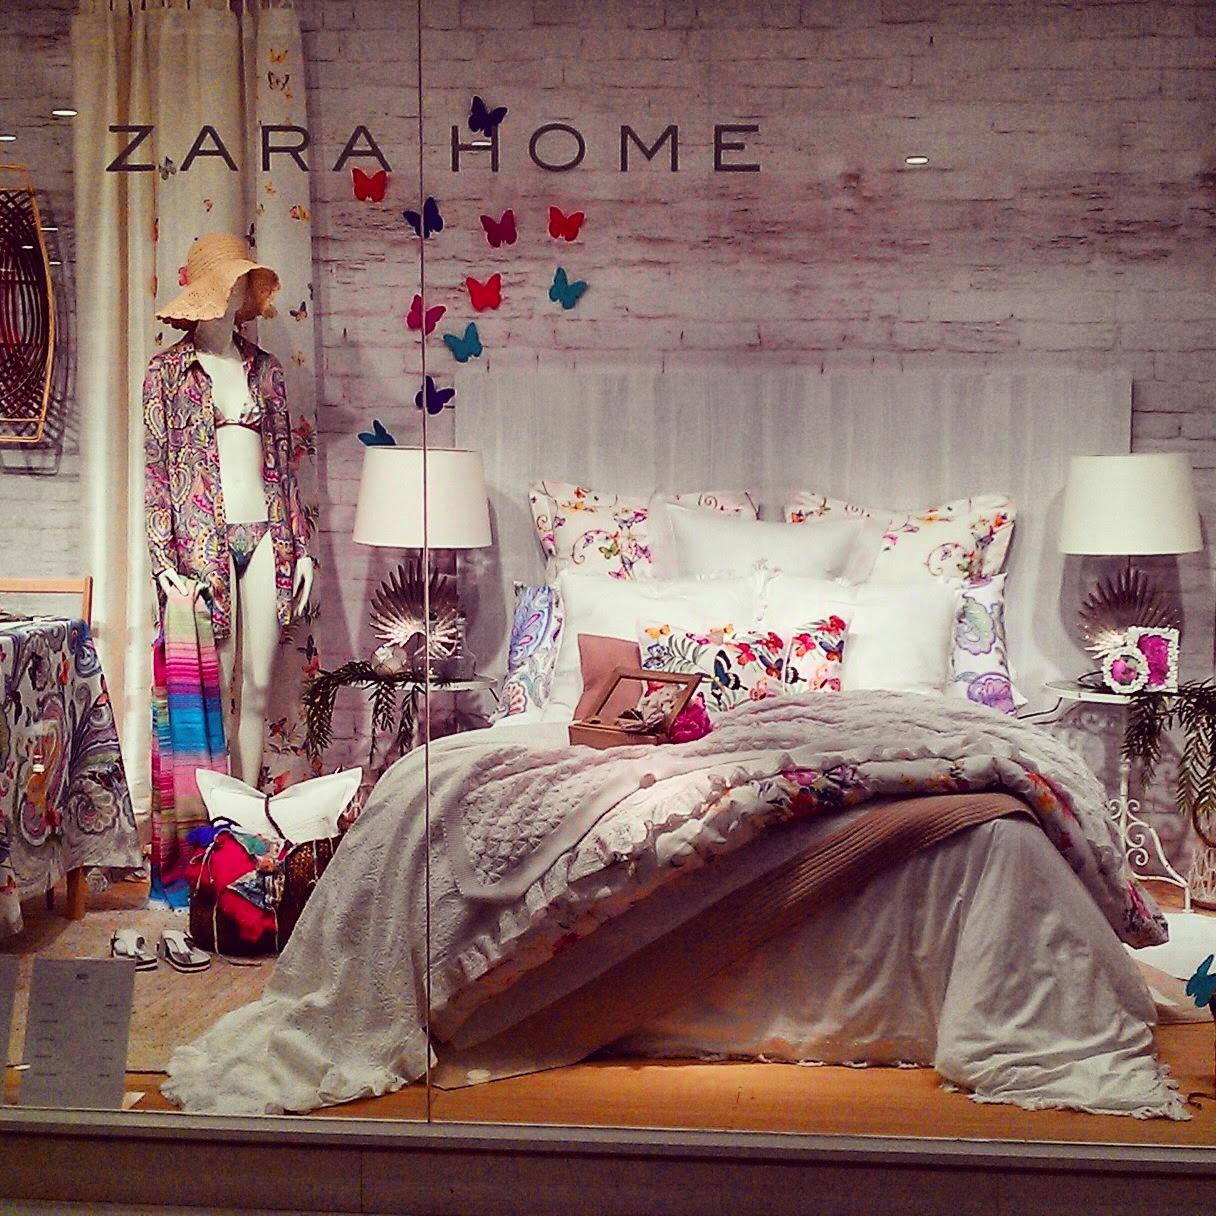 Zara home emquartier - Zara home es ...